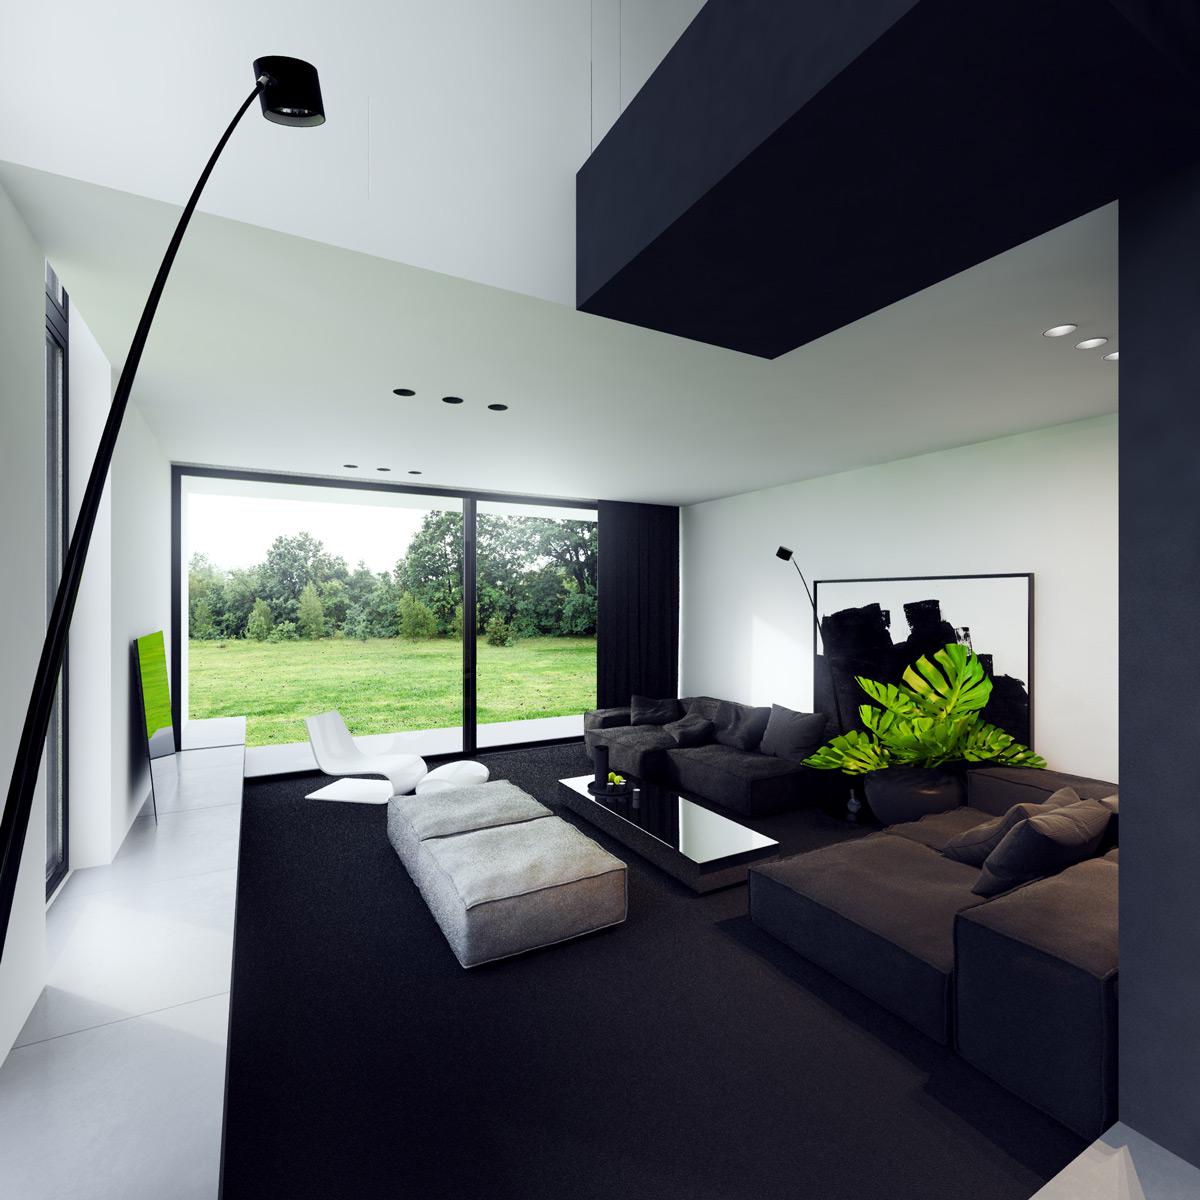 Великолепные гостиные в стиле минимализма: фотообзор